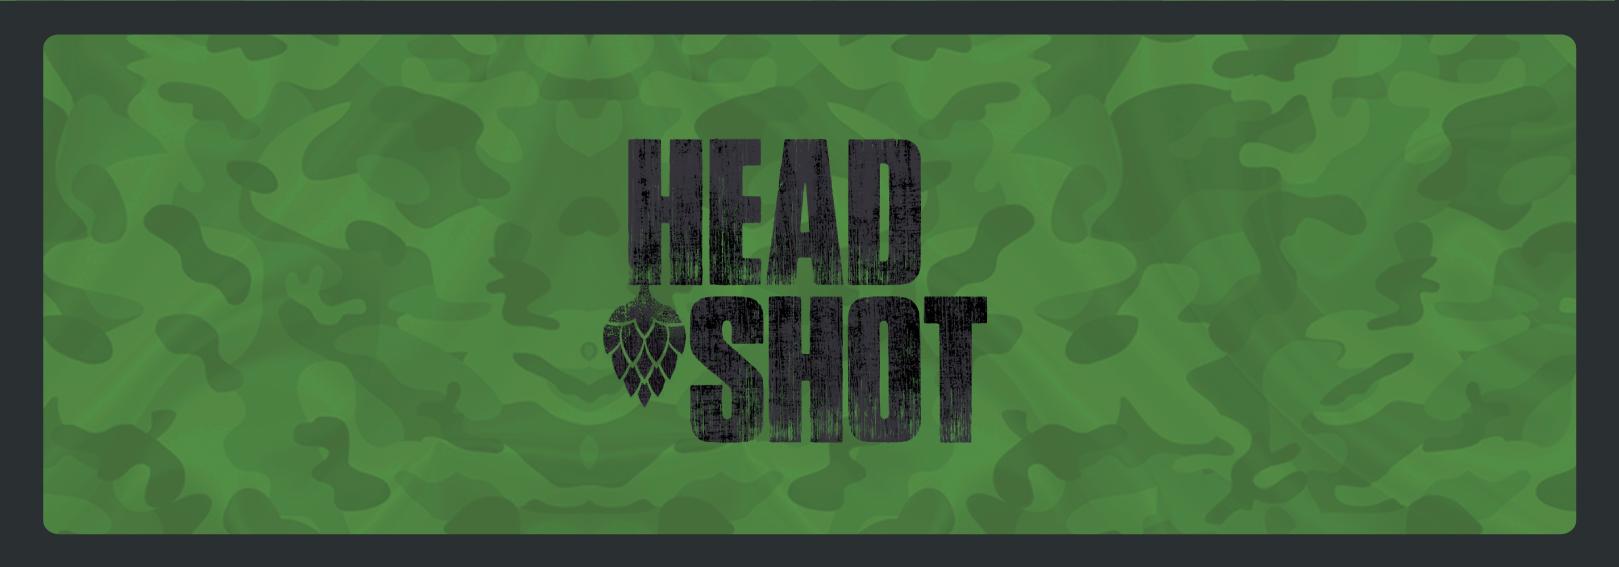 HEAD-SHOUT